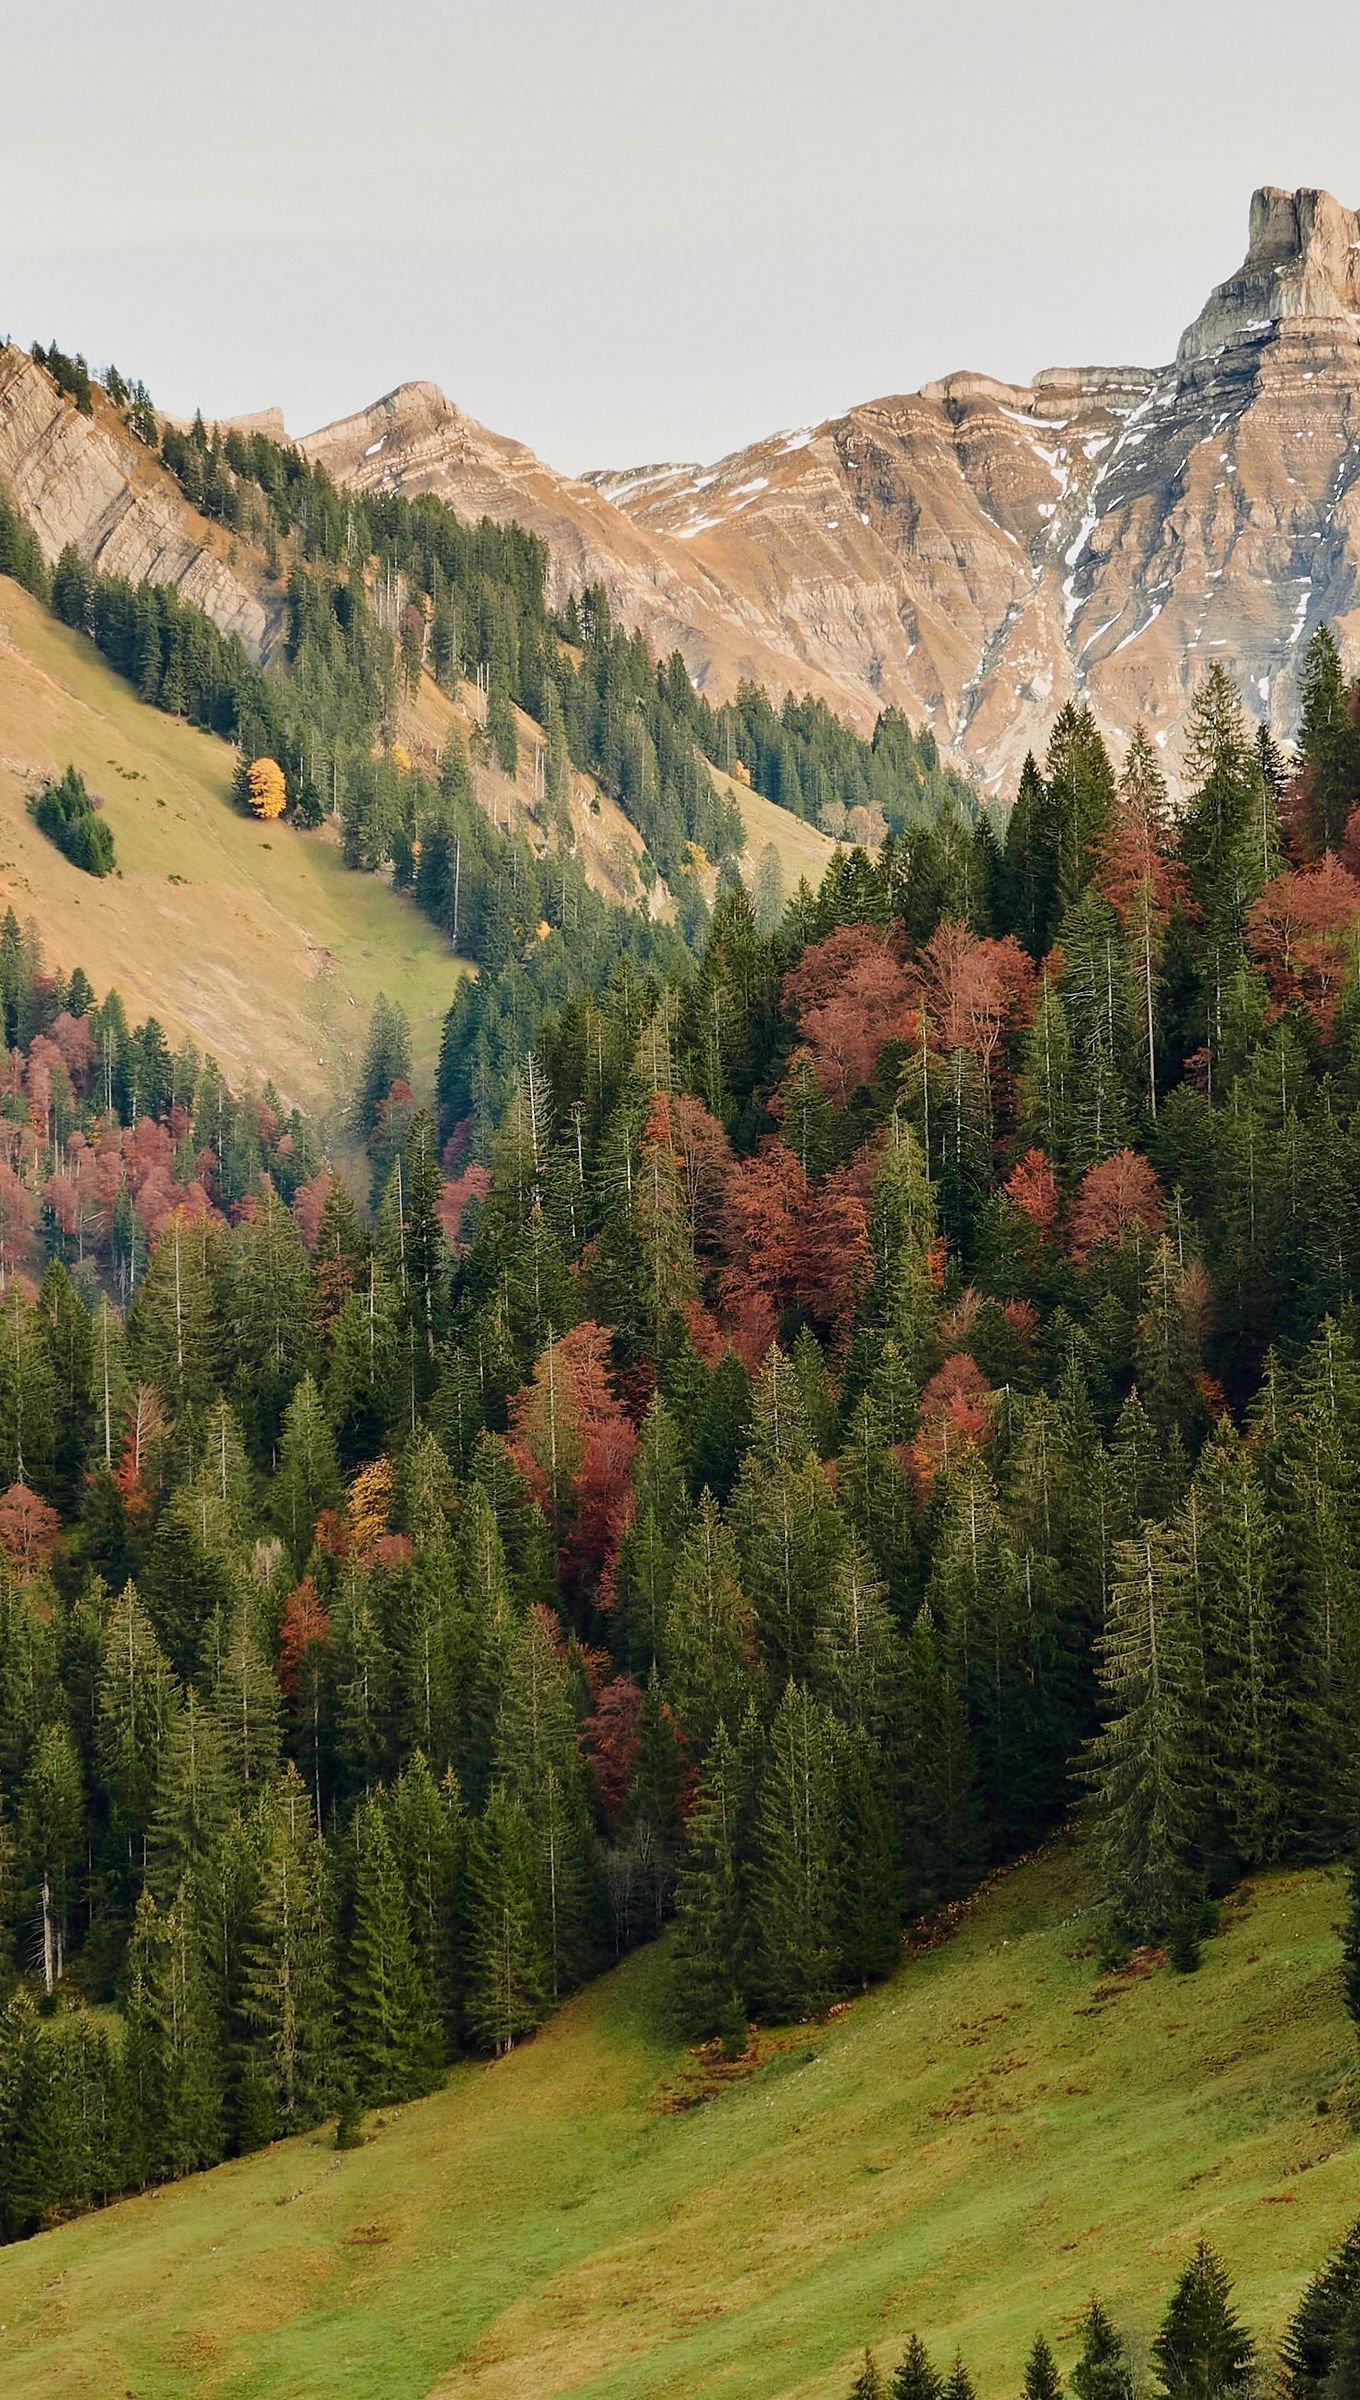 Fondos de pantalla Montañas en bosque durante el otoño Vertical